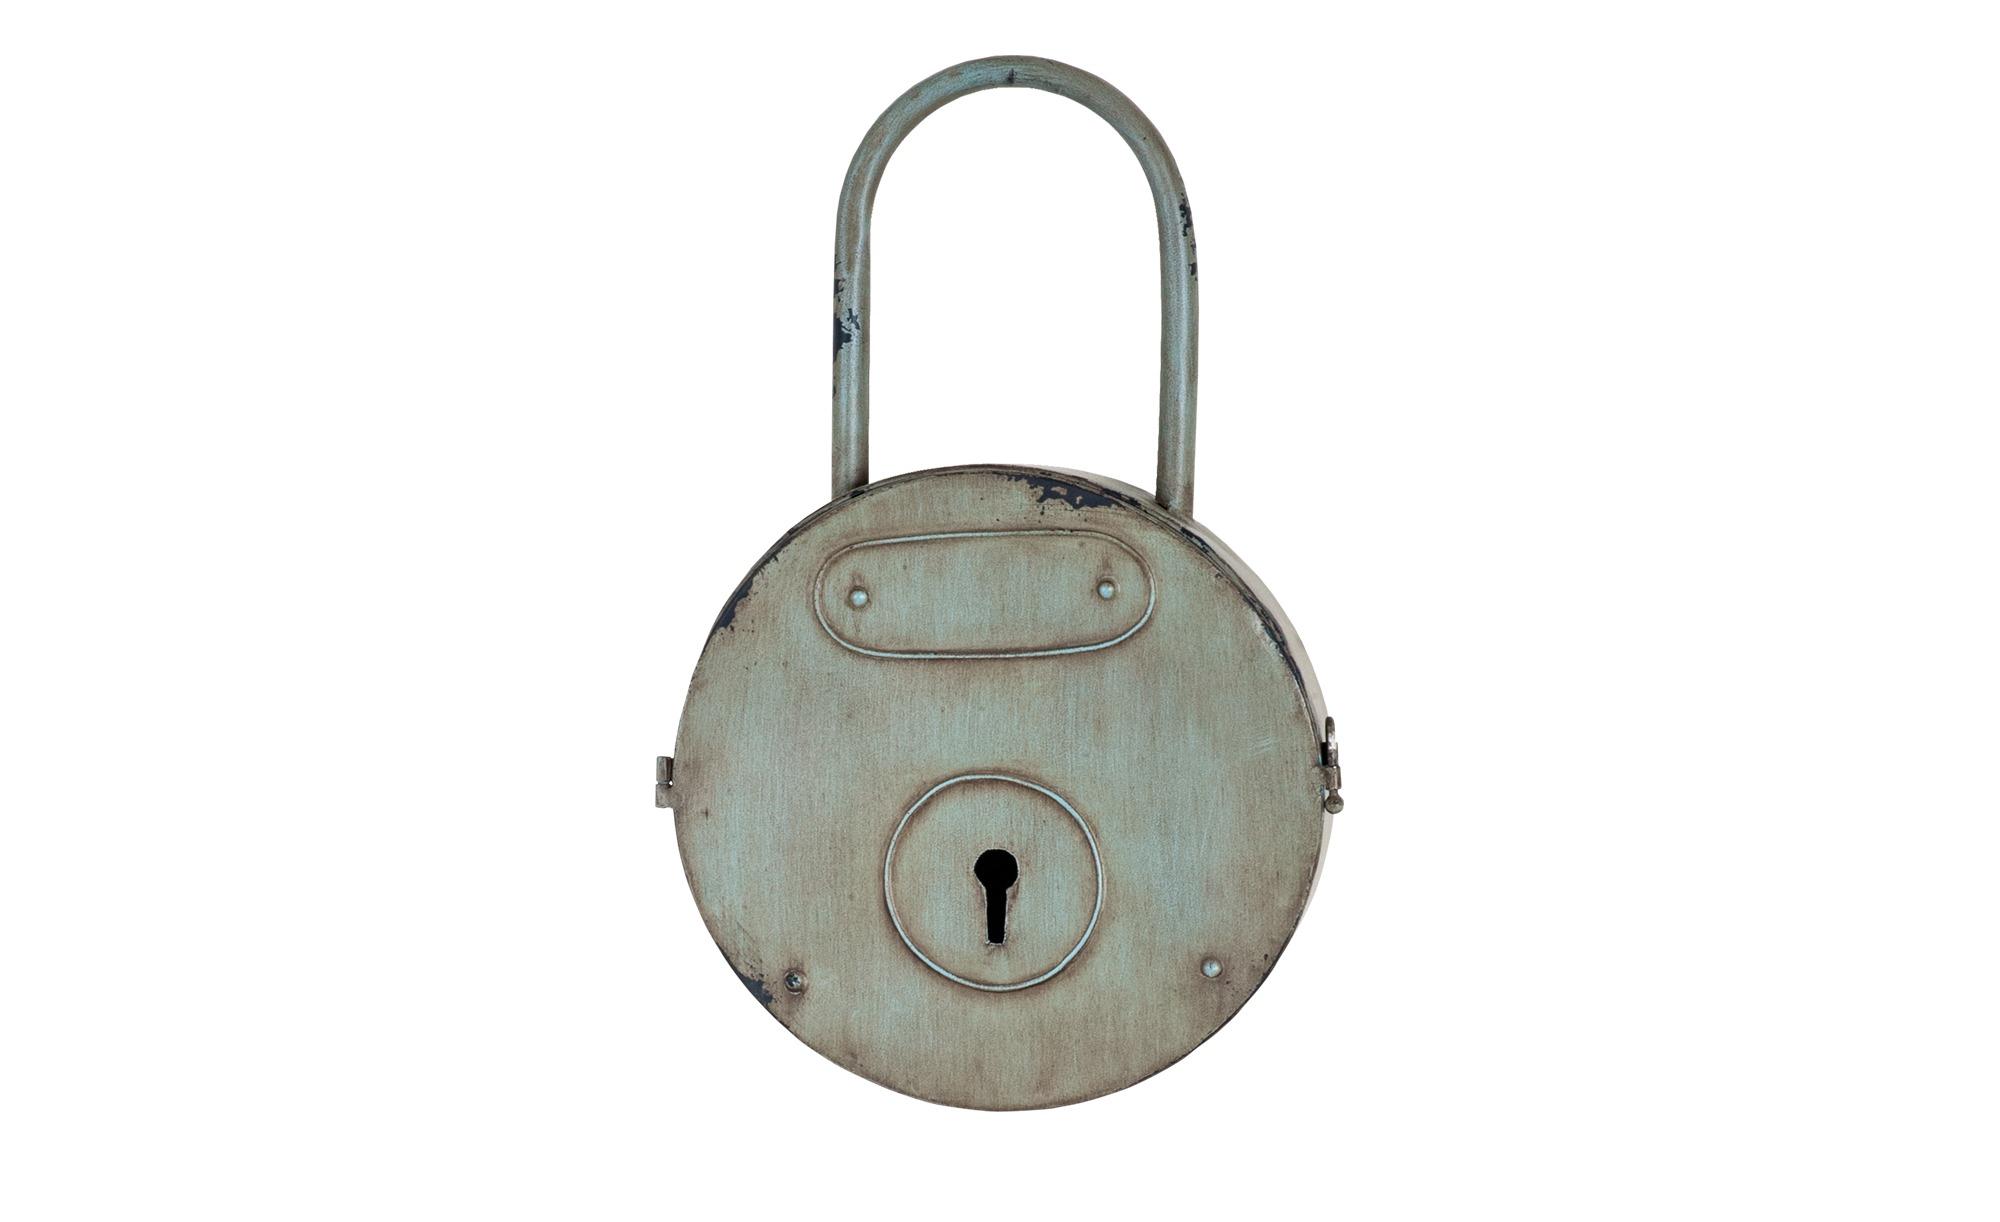 Schlüsselkasten - grau - Metall - 27 cm - 44 cm - 8 cm - Sale > Haushalt Sale - Möbel Kraft | Flur & Diele > Schlüsselkästen | Sconto